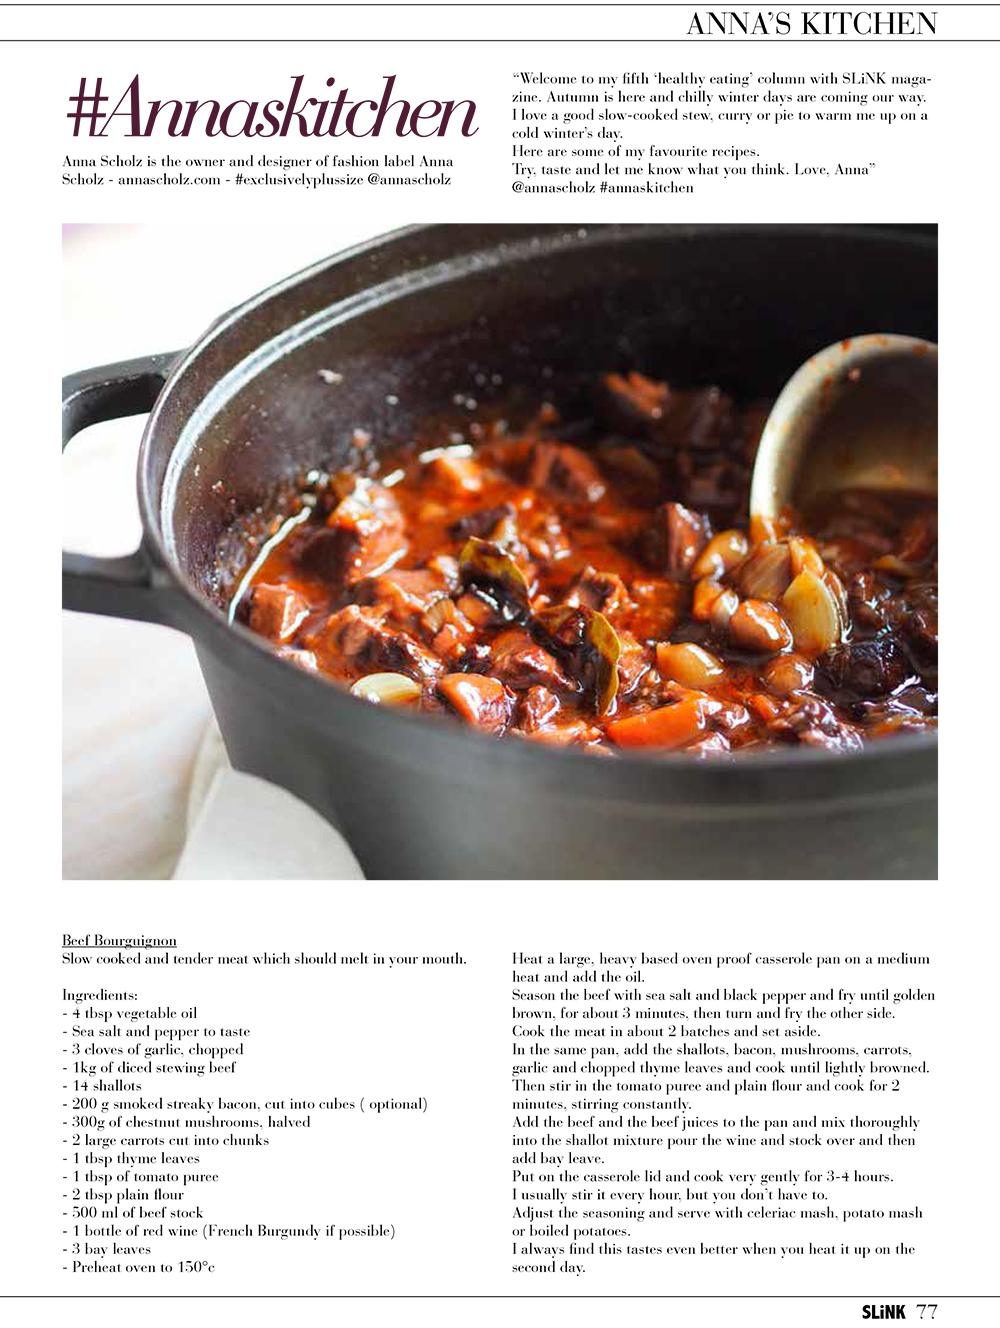 anna scholz annas kitchen recipes for slink magazine - Annas Kitchen